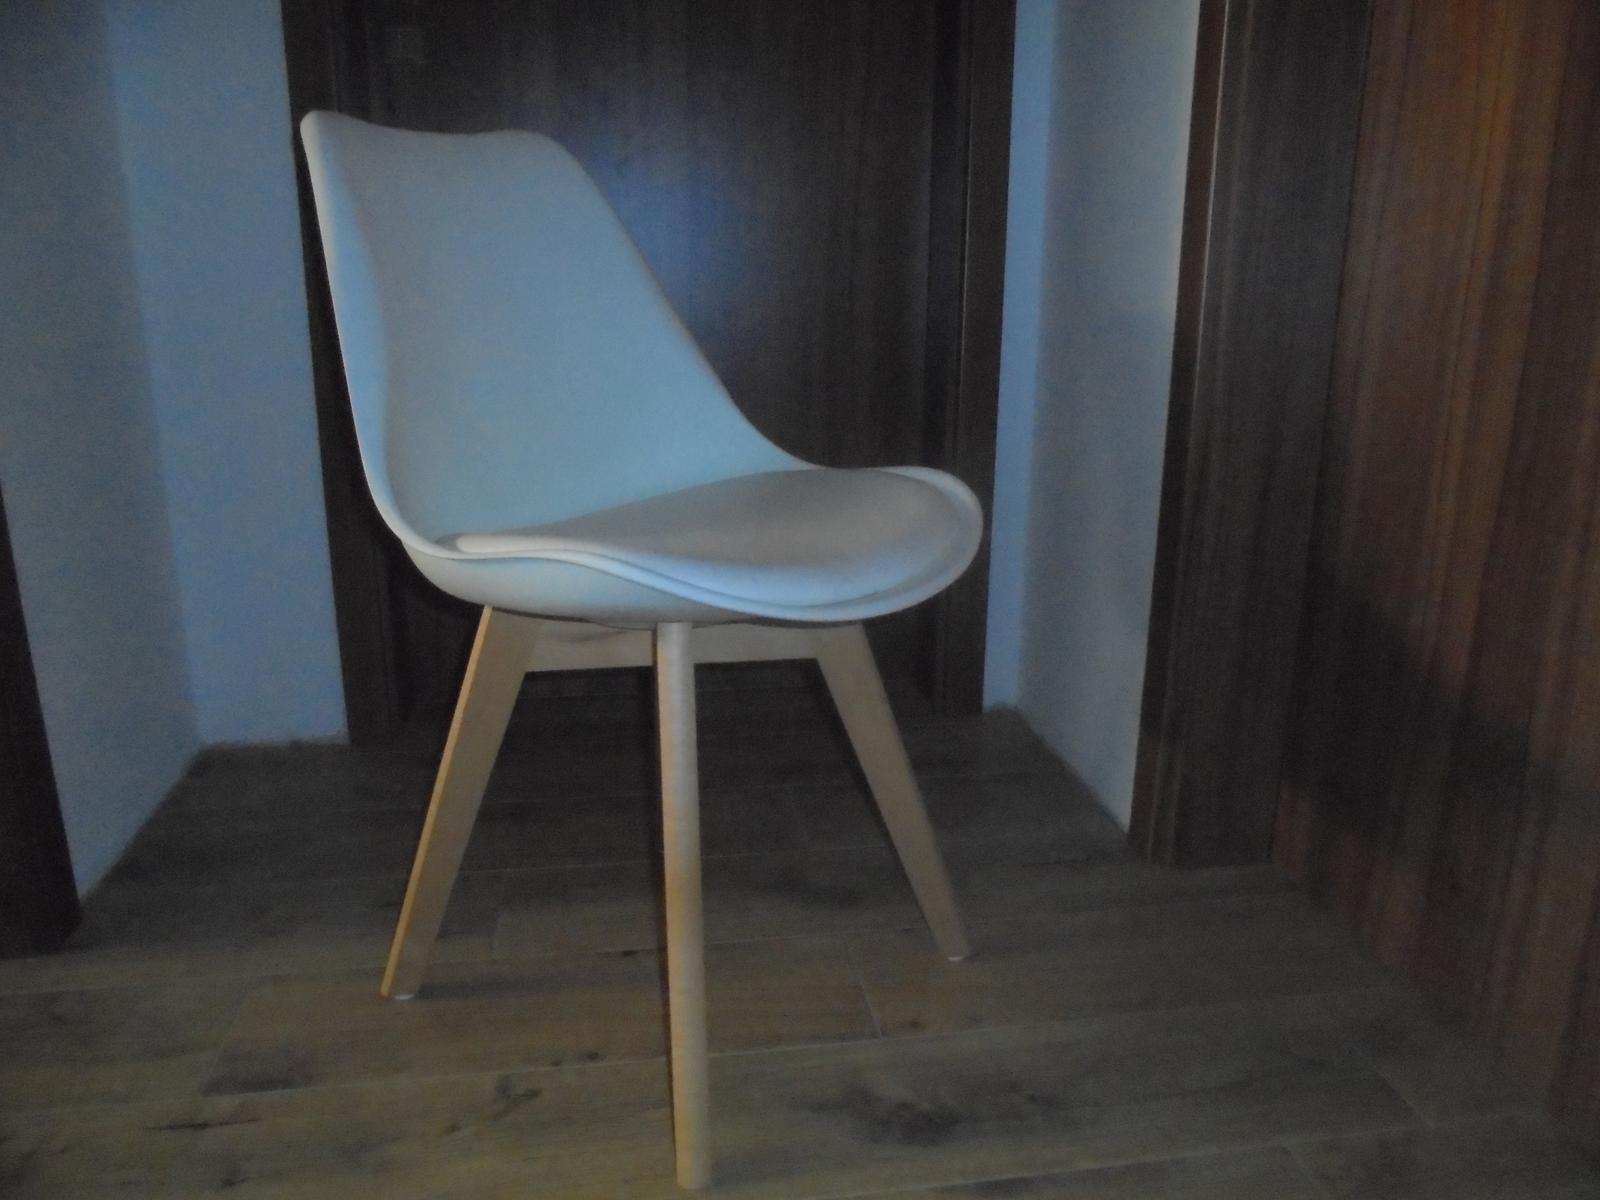 židle Kris 7ks - Obrázek č. 1